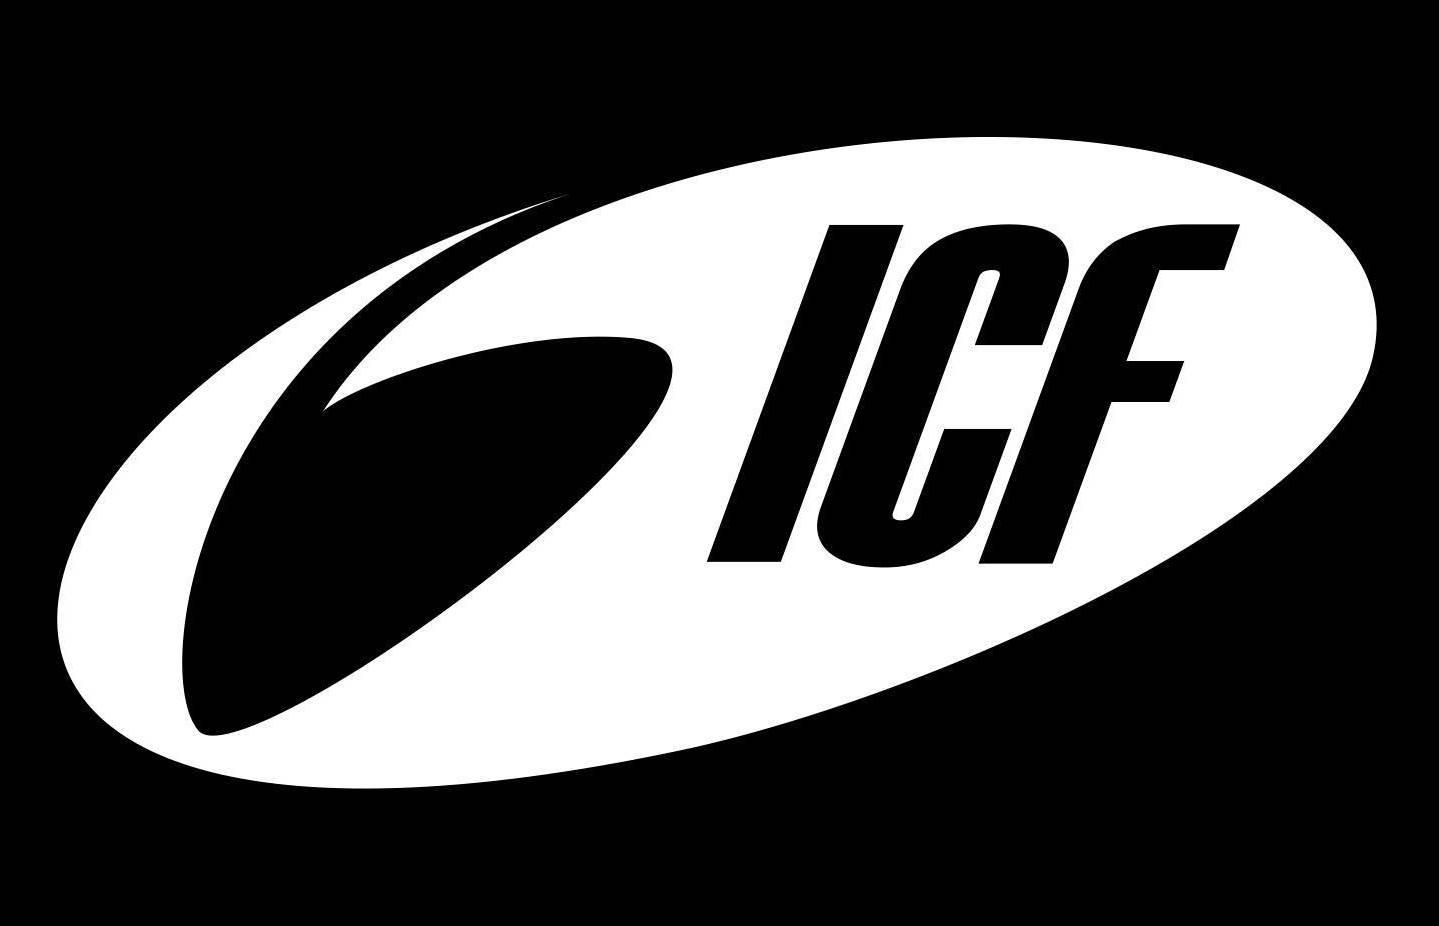 ICF Zürich